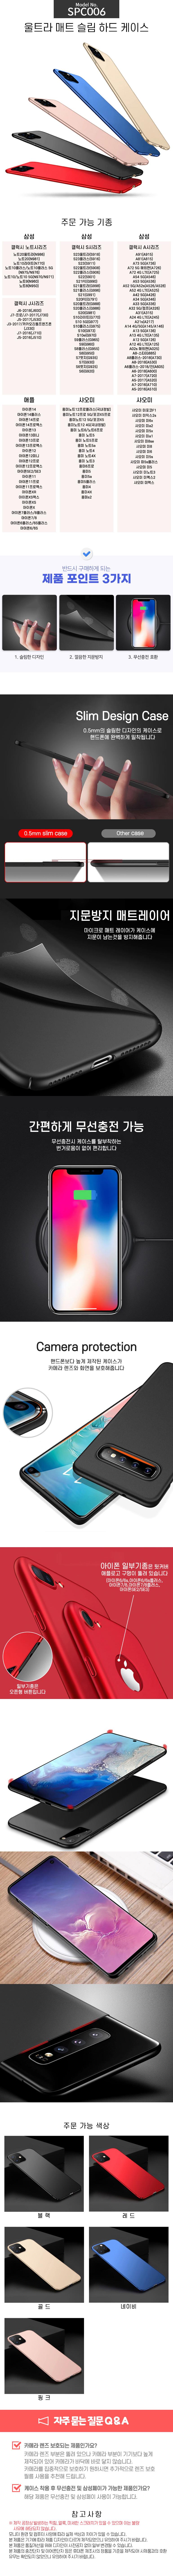 아이폰11 XR XS X 갤럭시노트10 9 S8 S7 S6 엘지V30 G7 Q6 초슬림 핸드폰케이스 - 수나르, 8,800원, 케이스, 기타 스마트폰